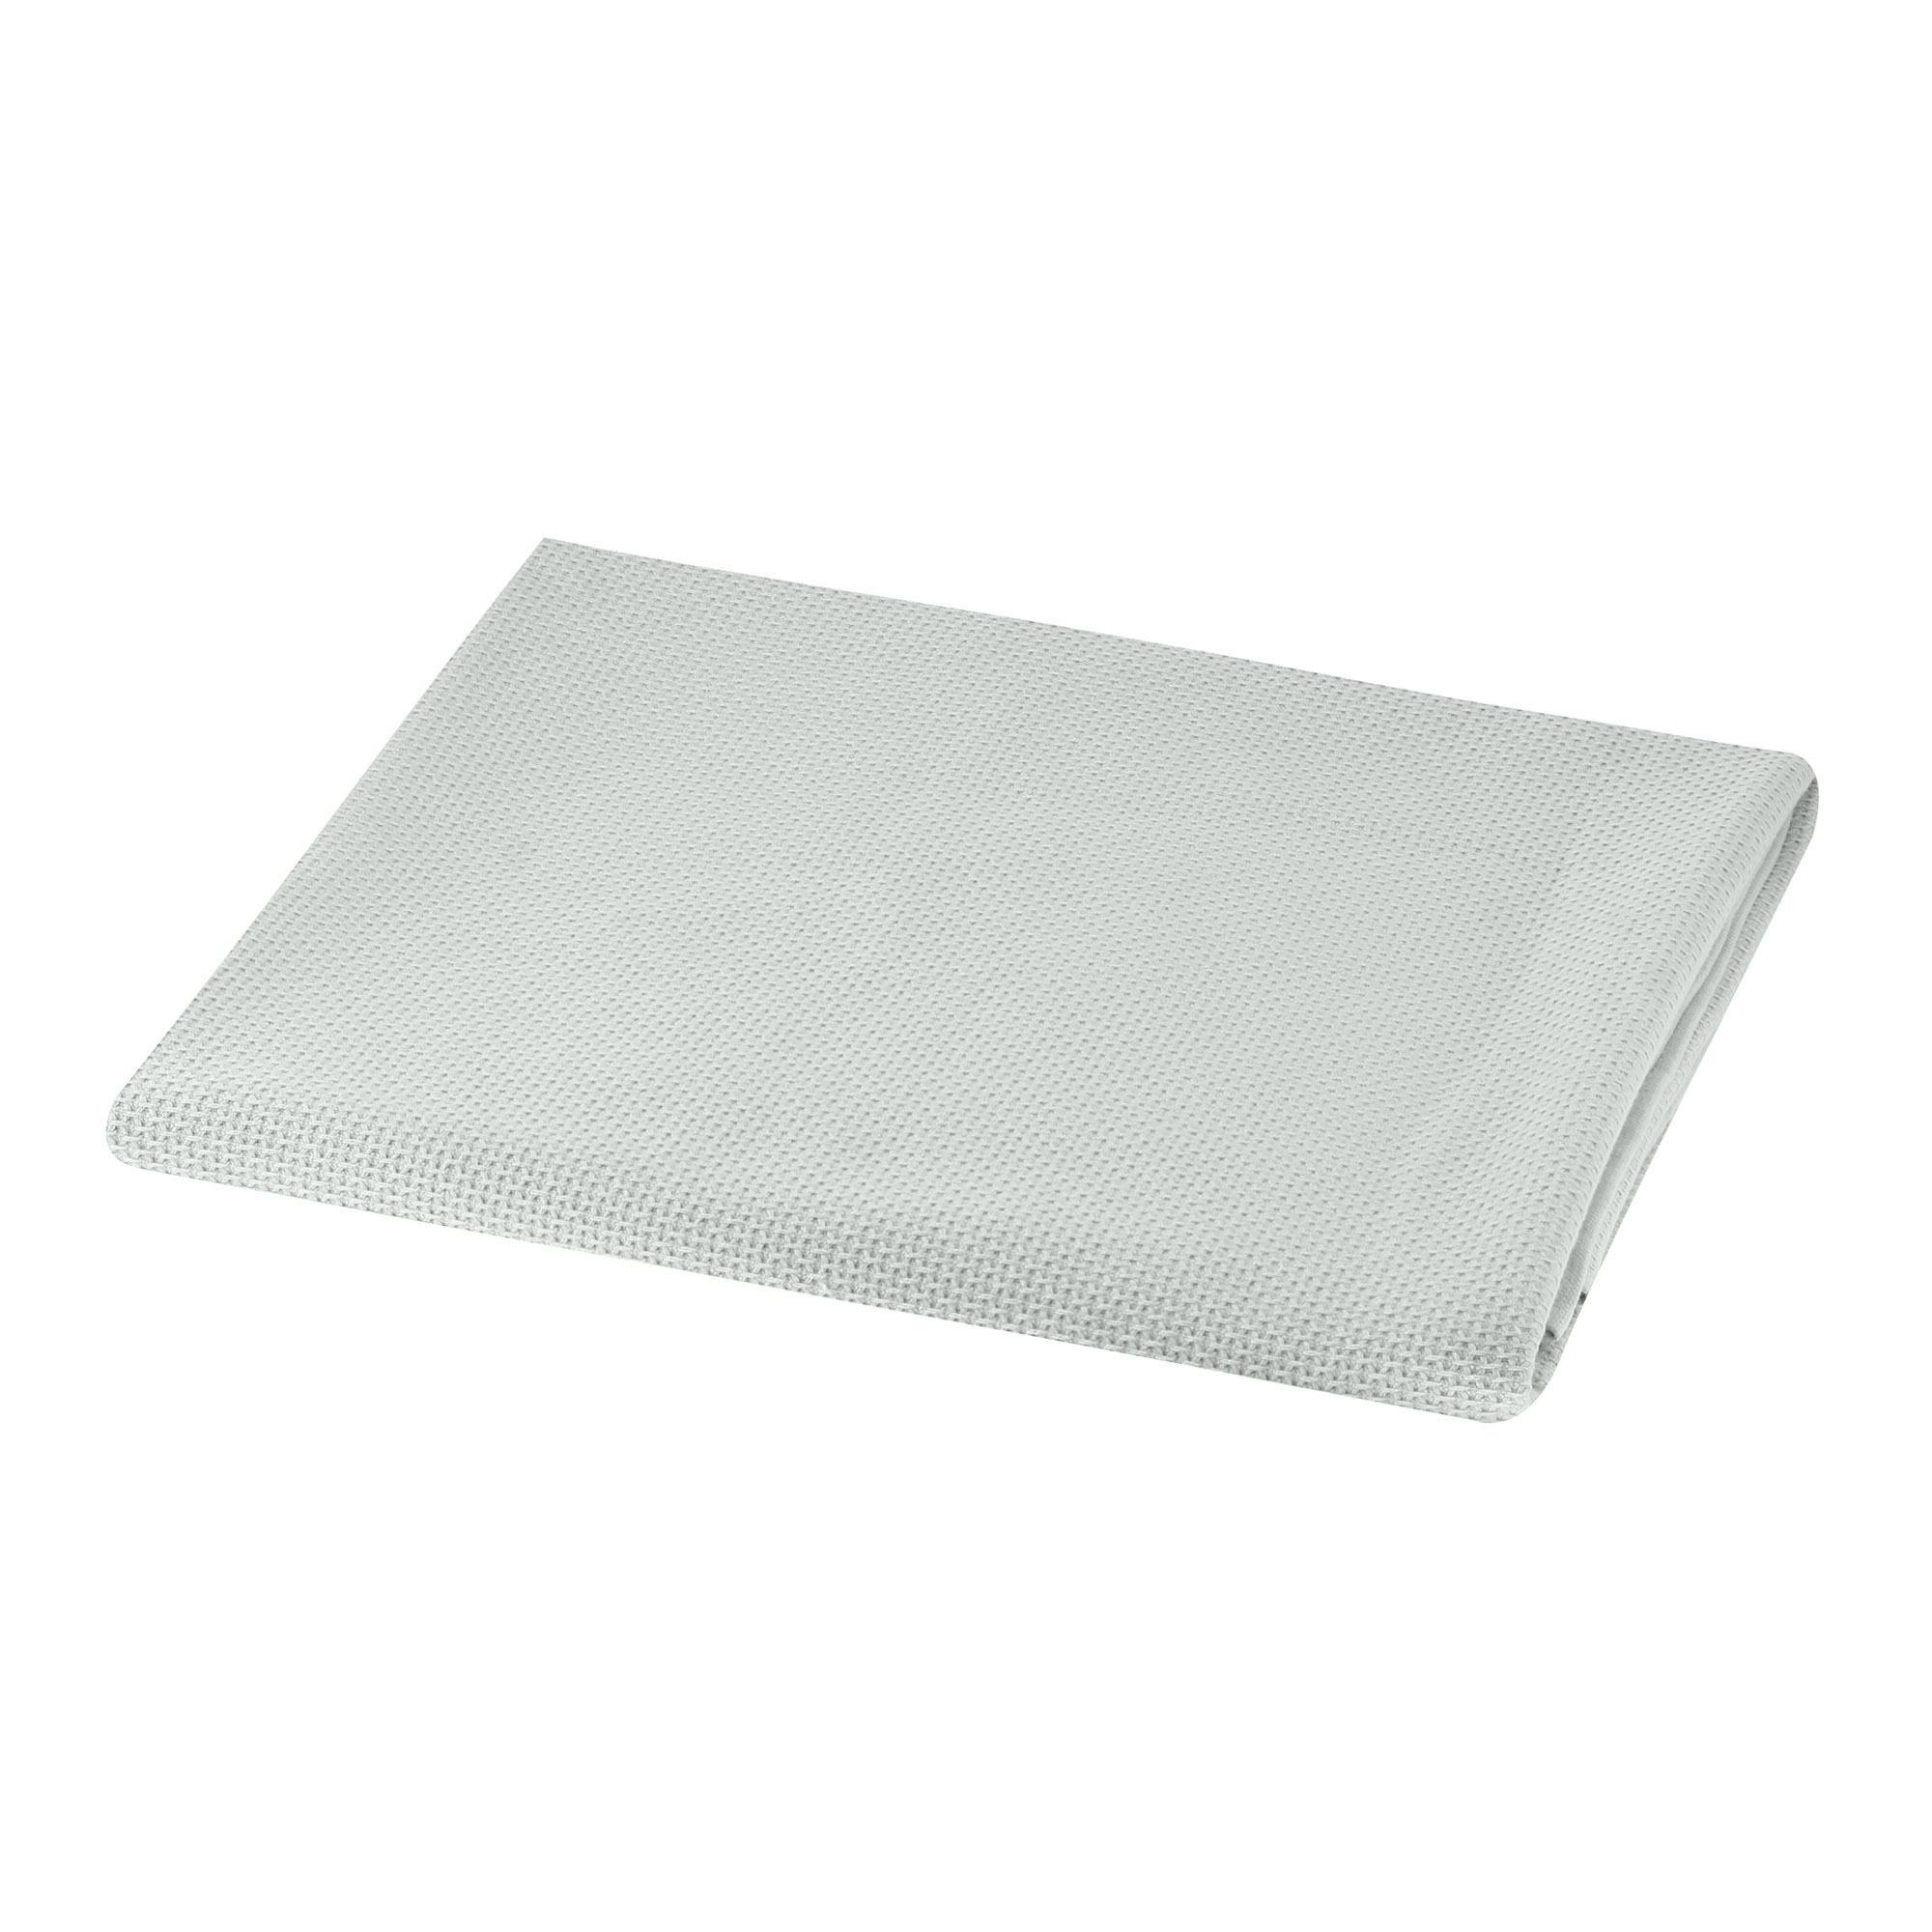 Полотенце двухстороннее 70x140 Asil l.green полотенце двустороннее asil powder 70x140 см